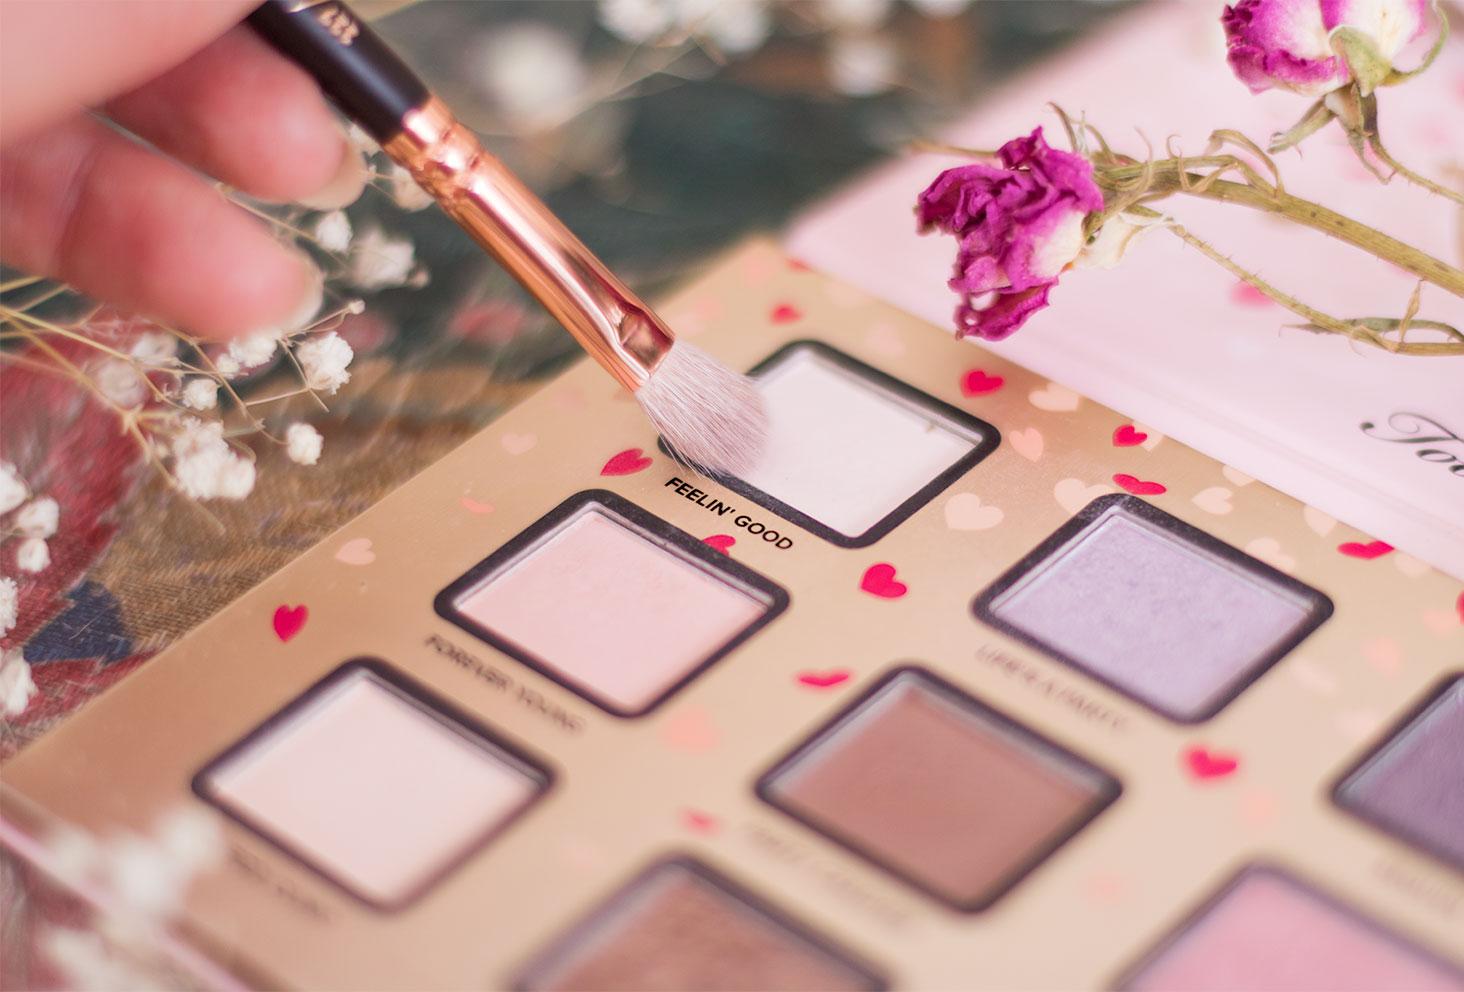 Zoom sur le fard 1, blanc, à utiliser pour le make-up avec la palette Funfetti de Too Faced